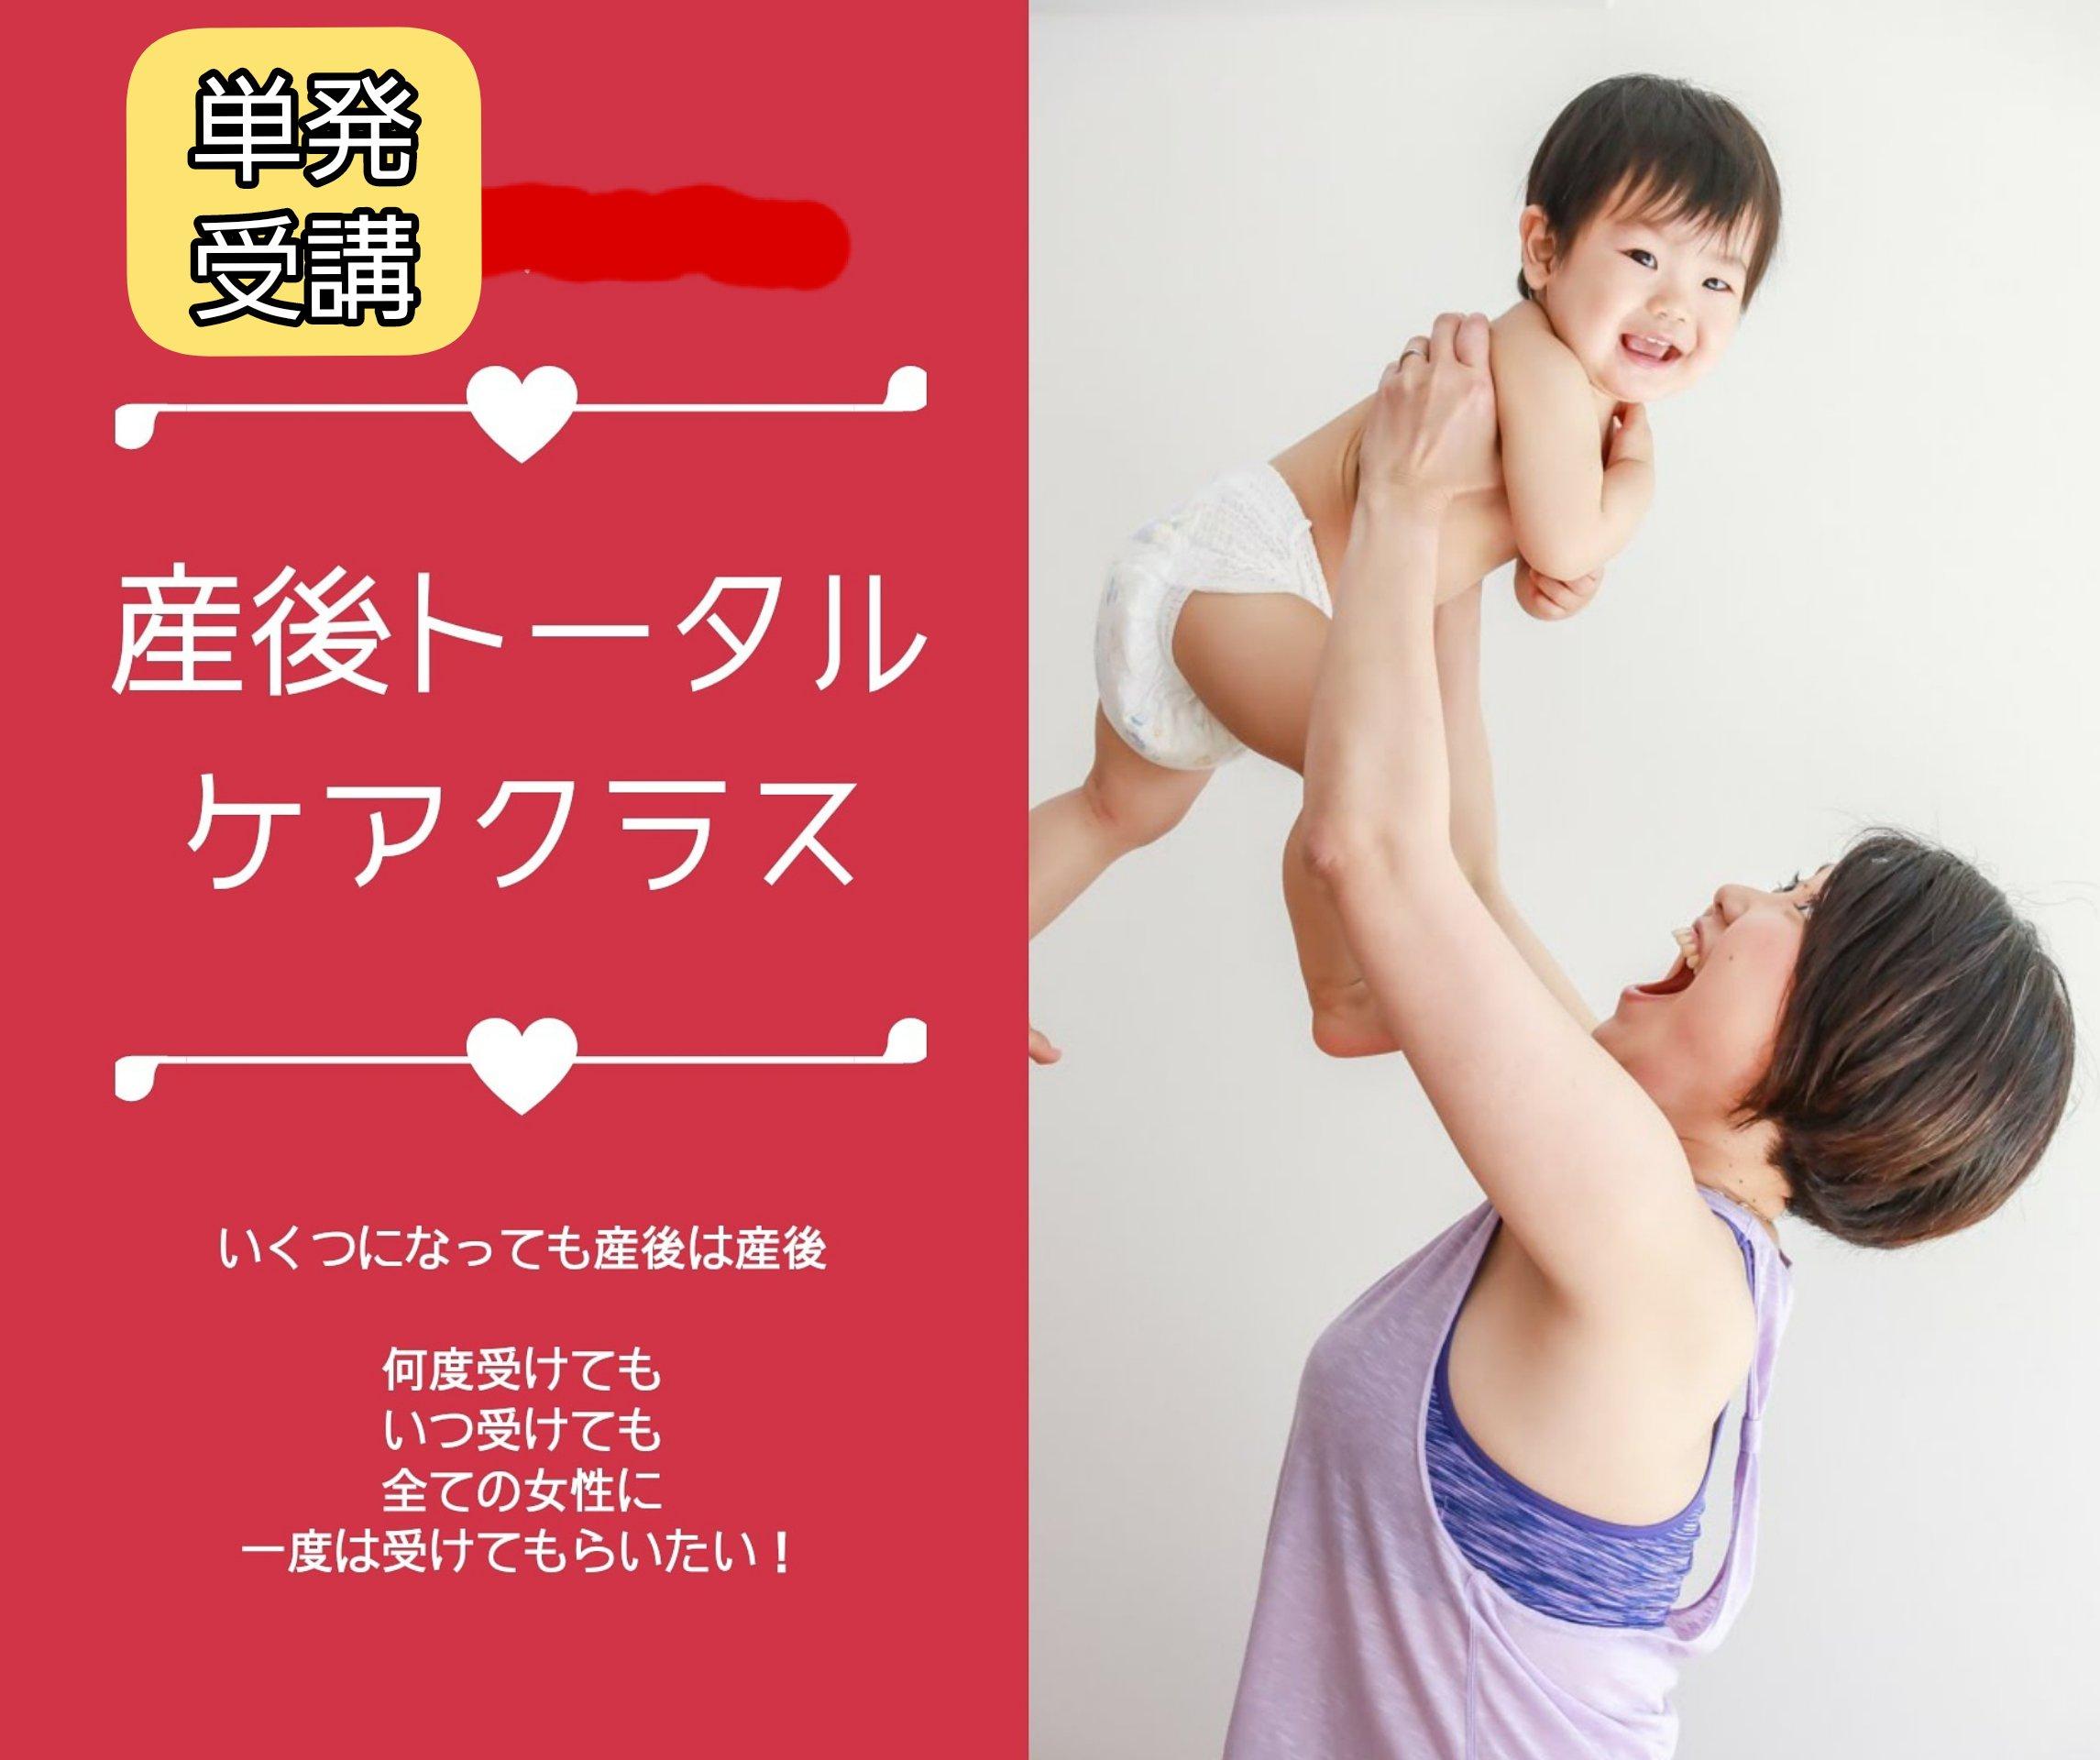 産後トータルケアクラス【単発受講】【現地受講】産後いくつになっても受講可能◎のイメージその1